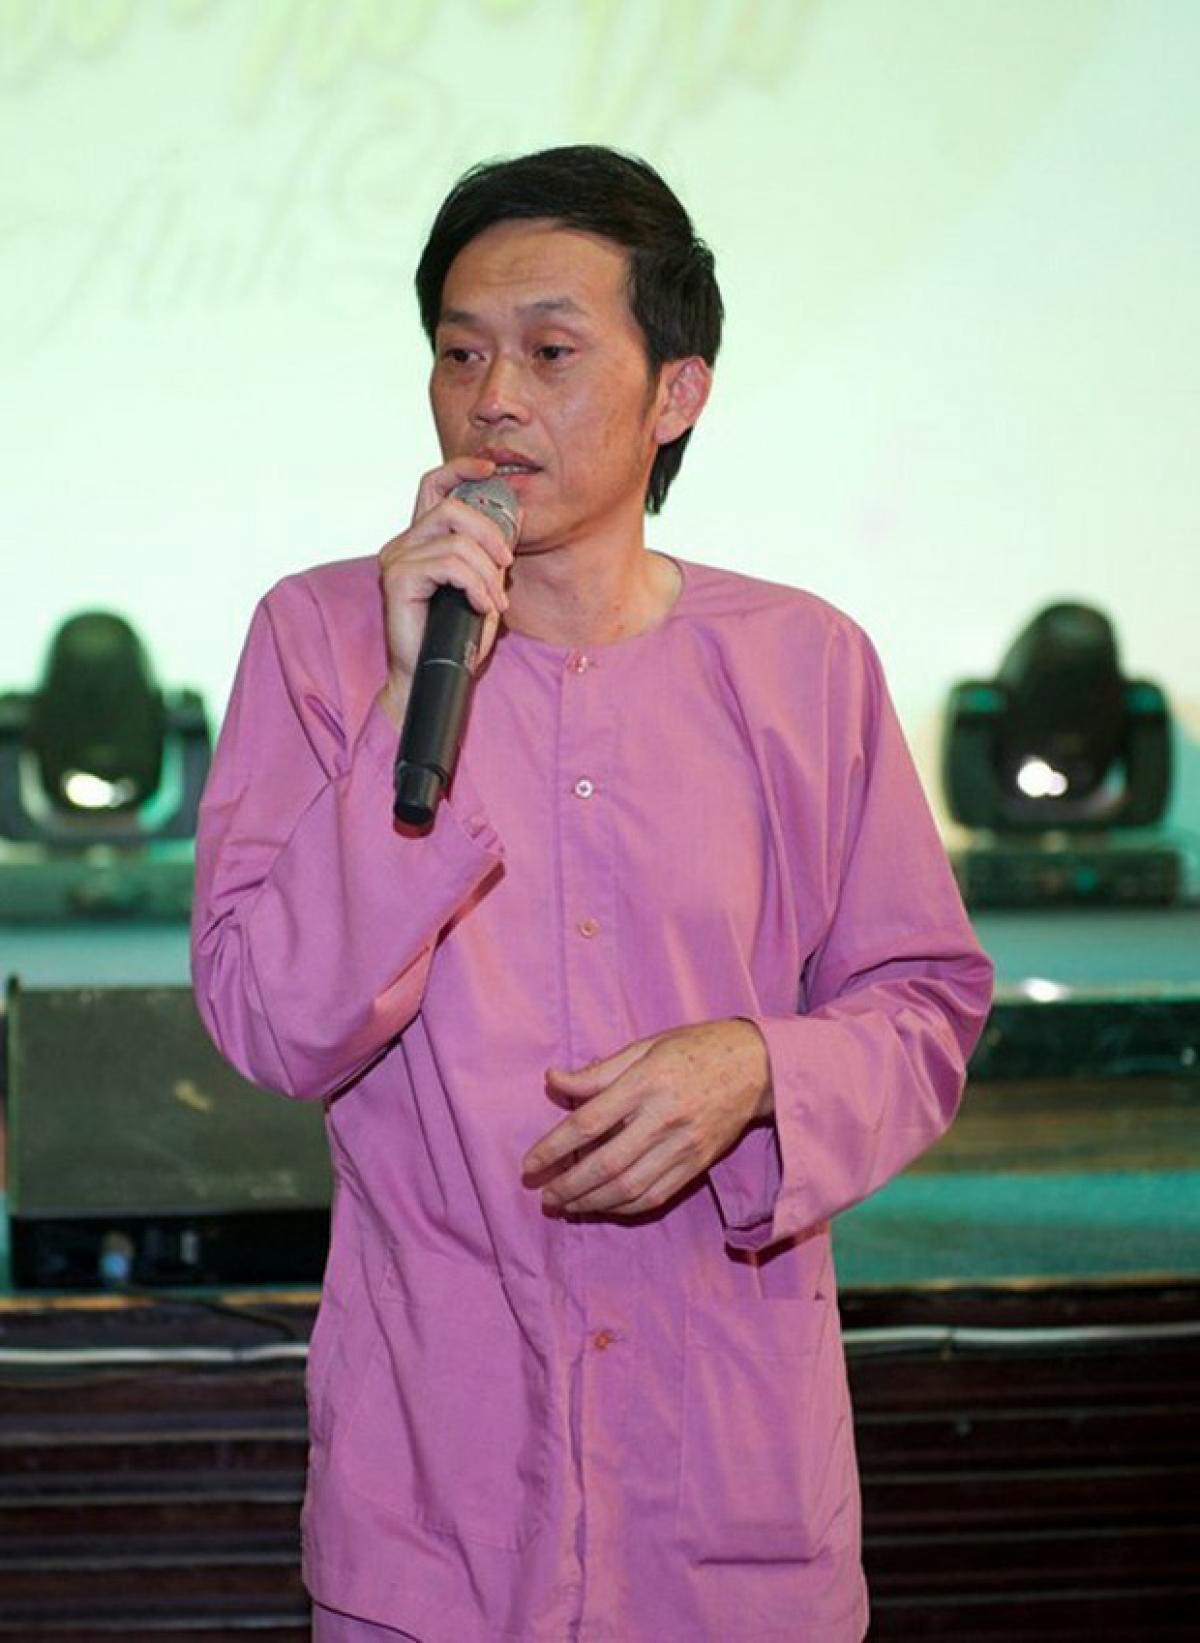 Danh hài Hoài Linh. (Ảnh: FBNV)